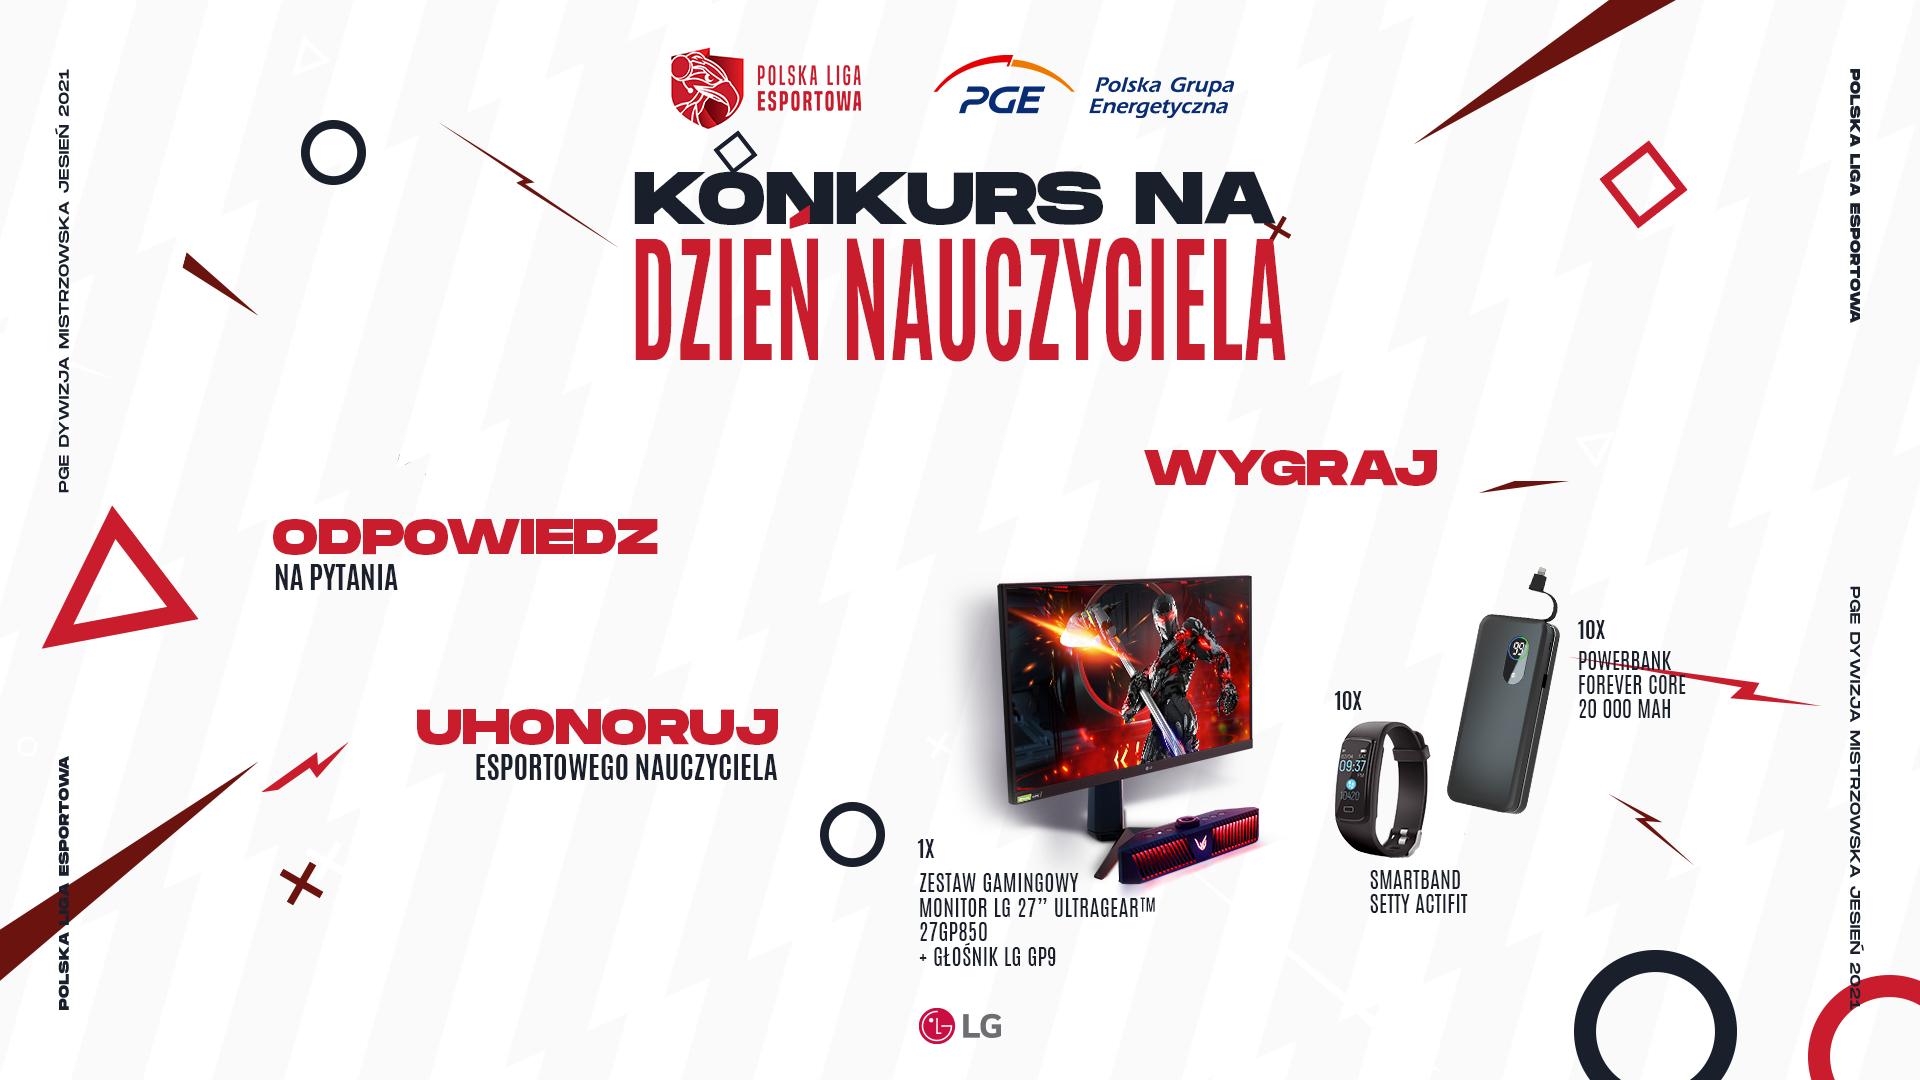 POST_KONKURS_NAUCZYCIEL_HD.png